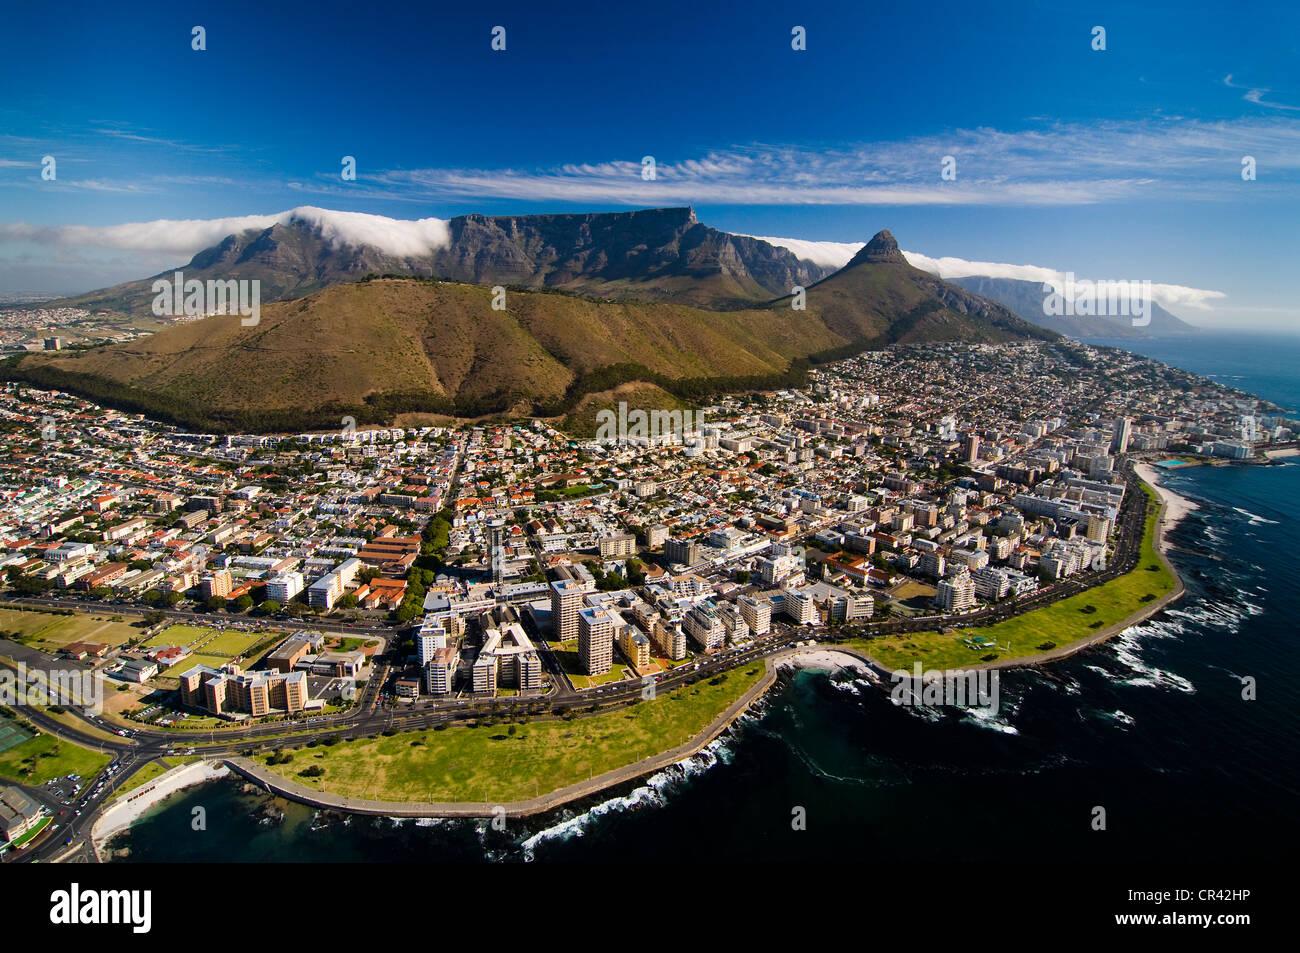 Table Mountain, Luftaufnahme, mit Blick auf Kapstadt, Western Cape, Südafrika, Afrika Stockbild